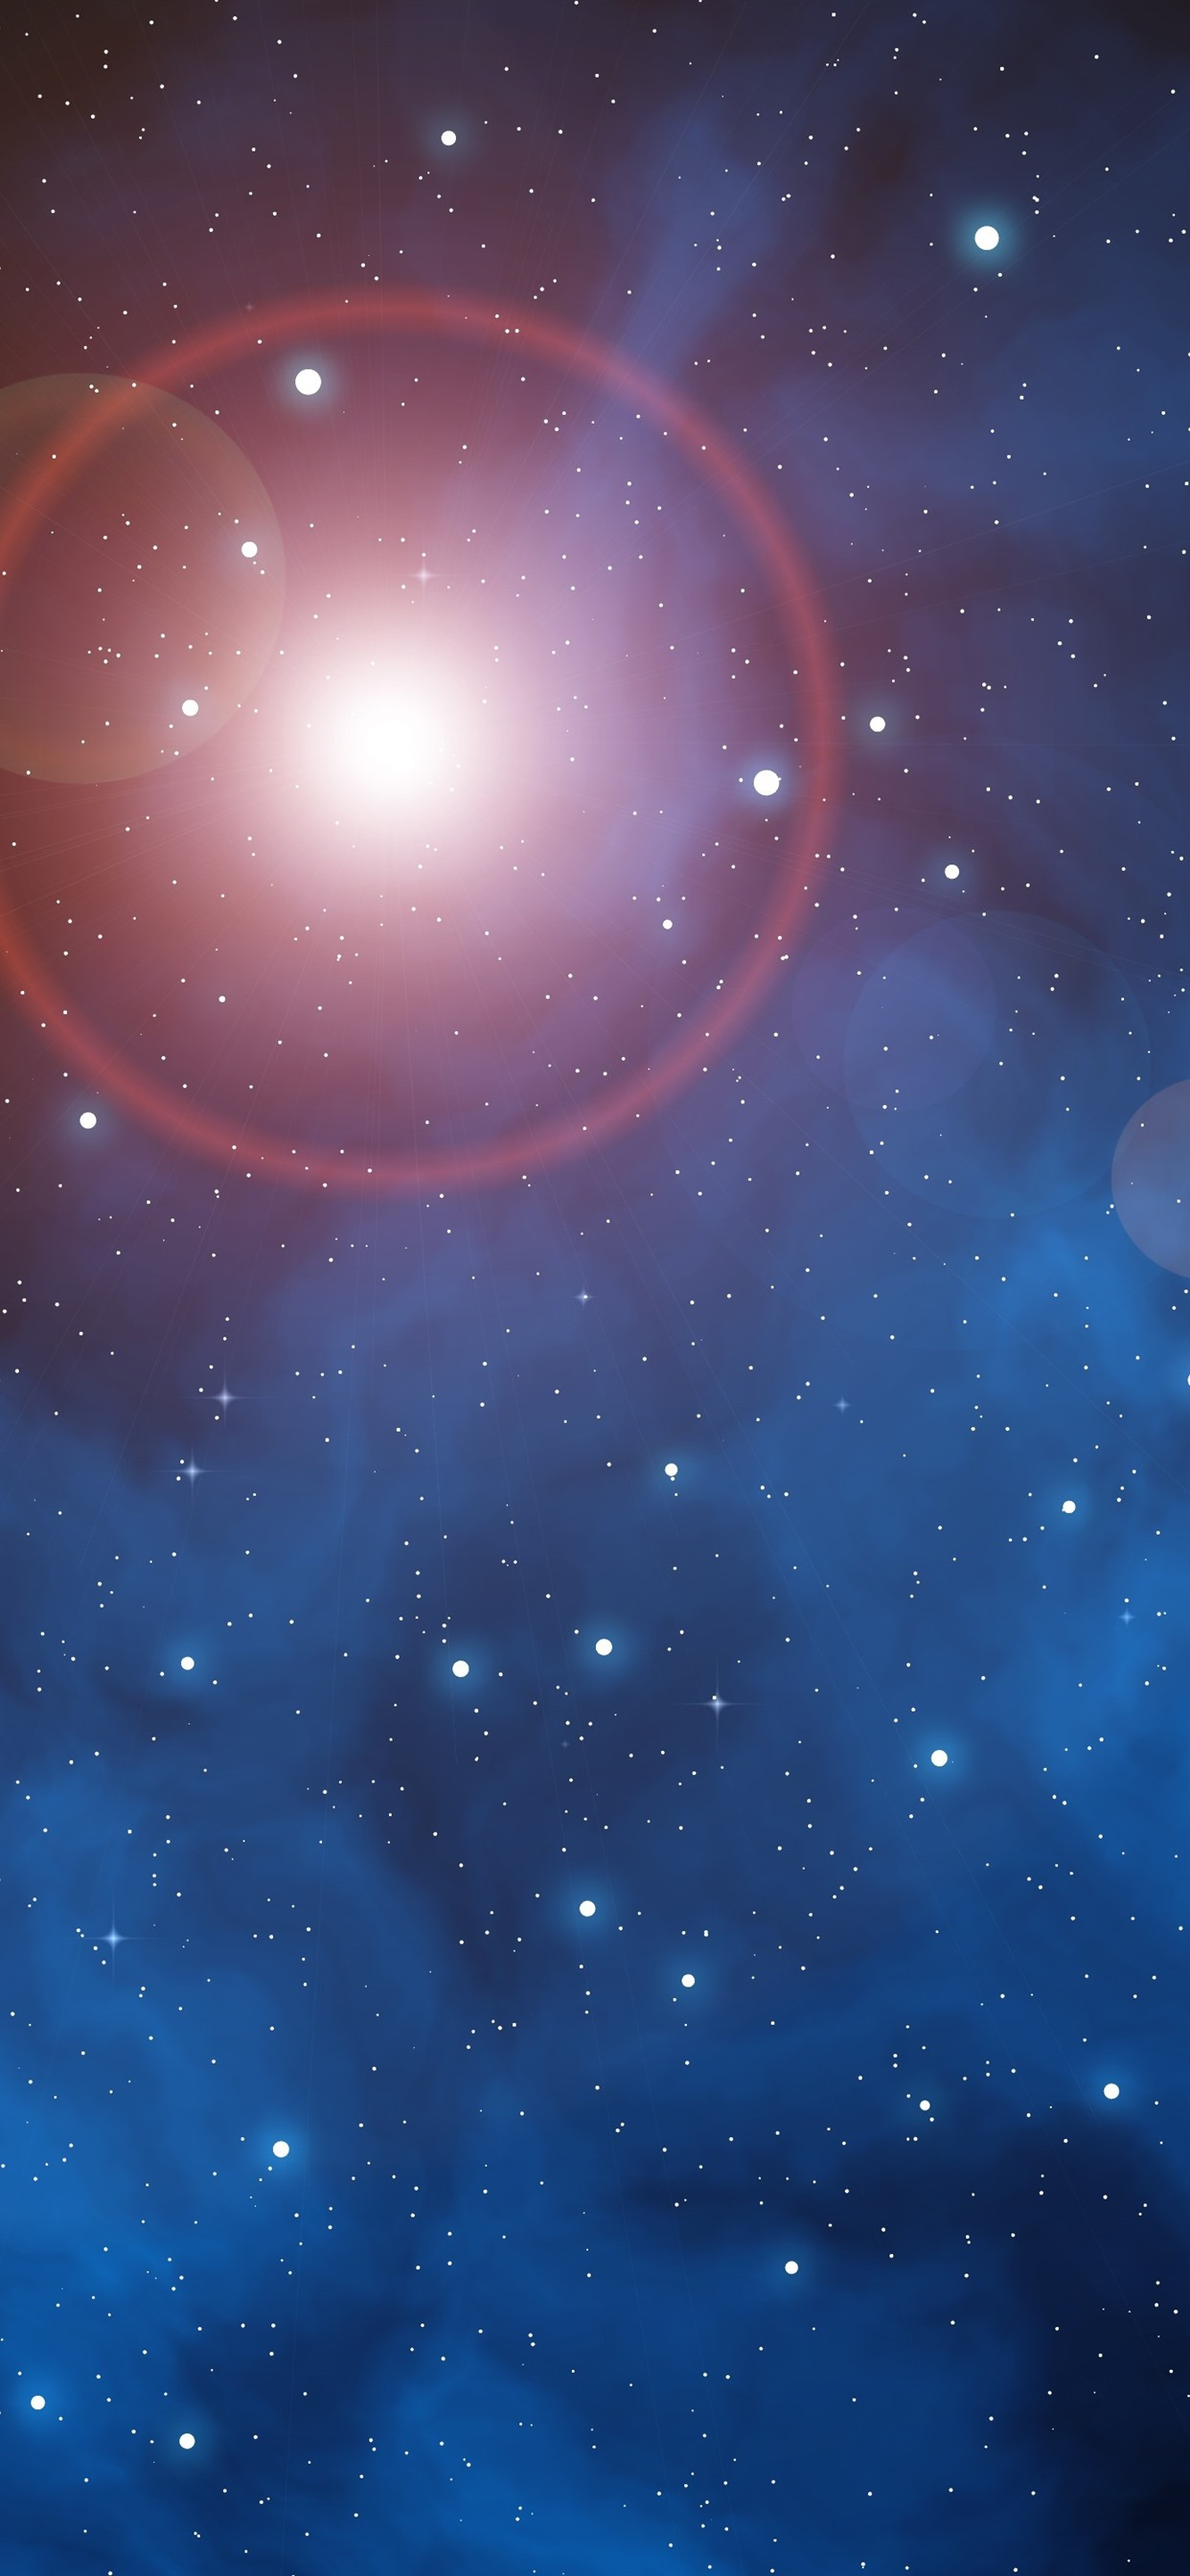 宇宙 星 輝き 太陽 1242x2688 Iphone 11 Pro Xs Max 壁紙 背景 画像